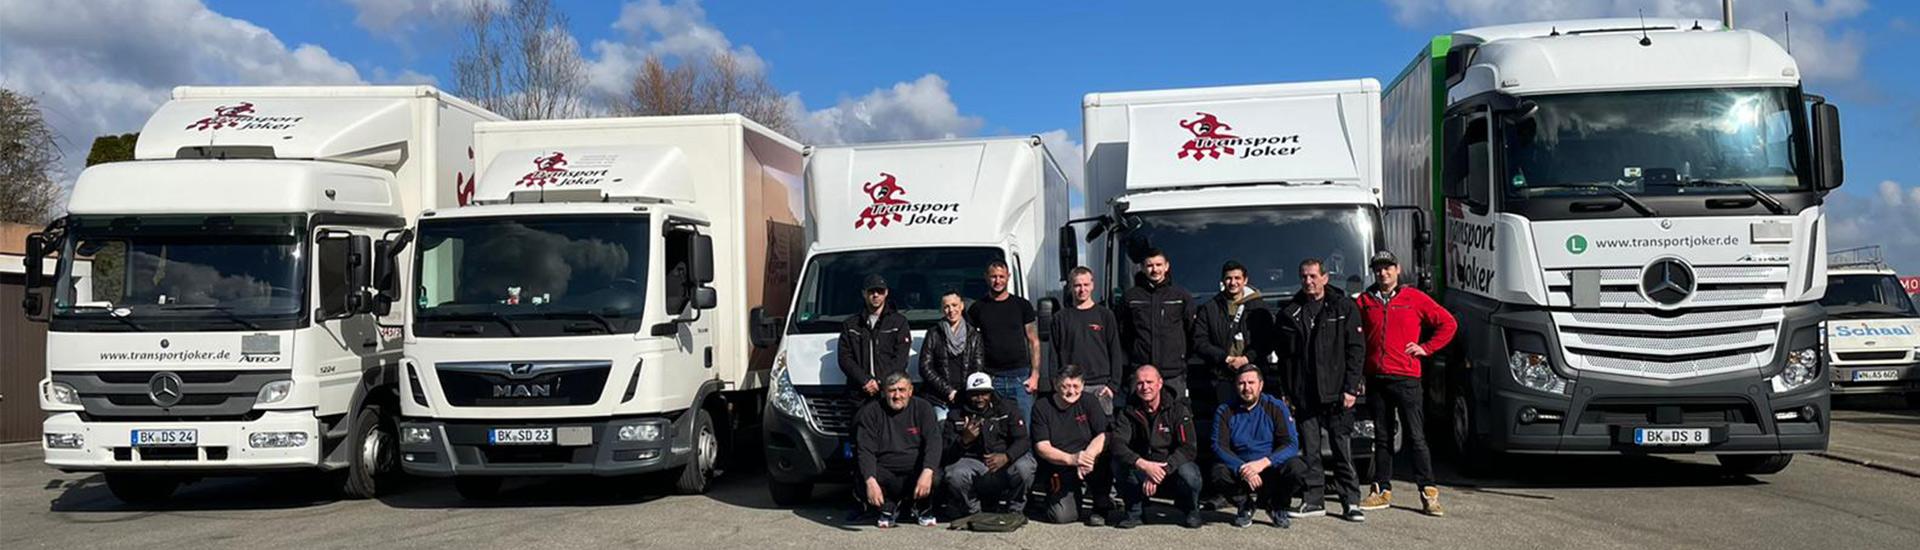 Umzug-LKWs mit Umzug-Mitarbeitern von Transport Joker